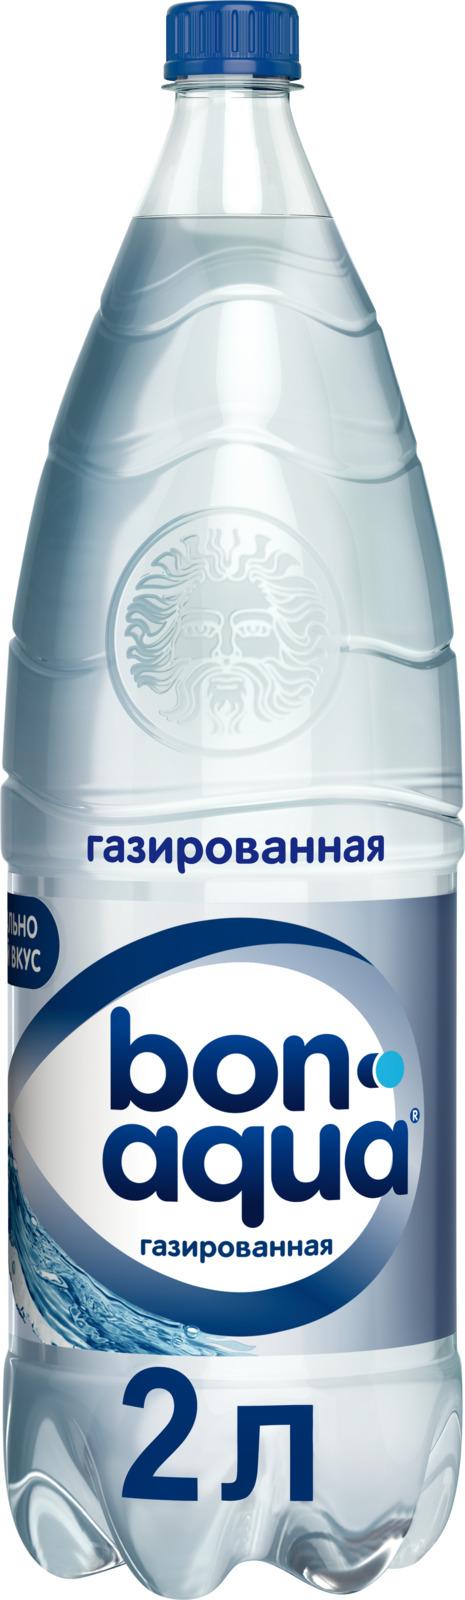 Bon Aqua Вода чистая питьевая газированная, 2 л